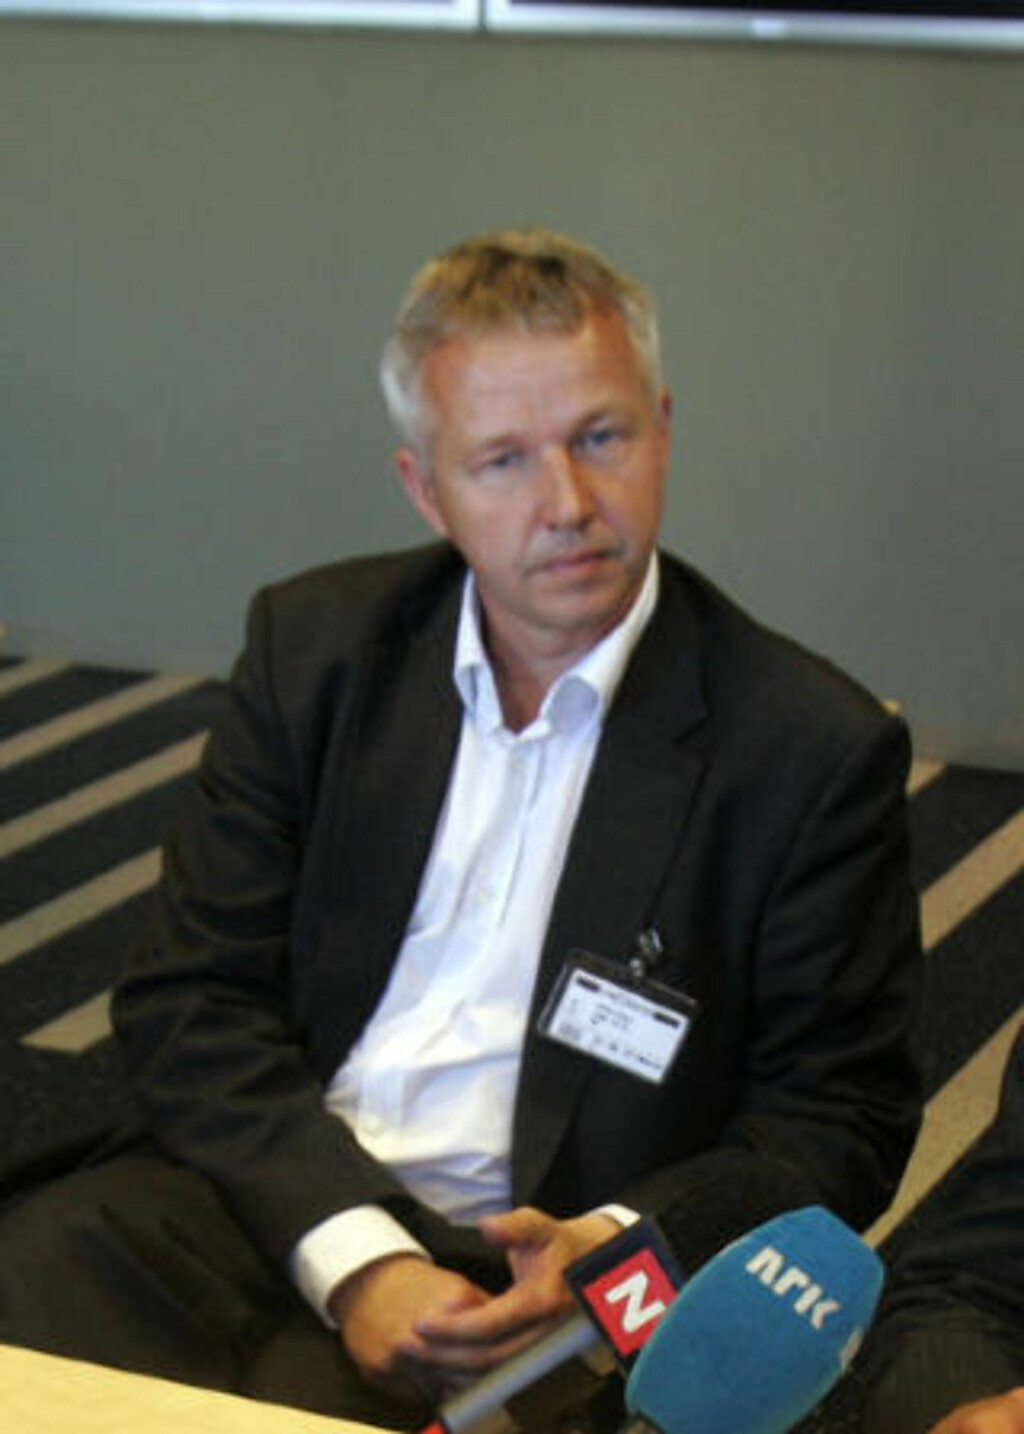 - IKKE STRAFFBART: Jan Egil Presthus, sjefen for Spesialenheten for politisaker har konkludert med at UPs råkjøring ikke var straffbart. Foto: Cornelius Poppe / SCANPIX